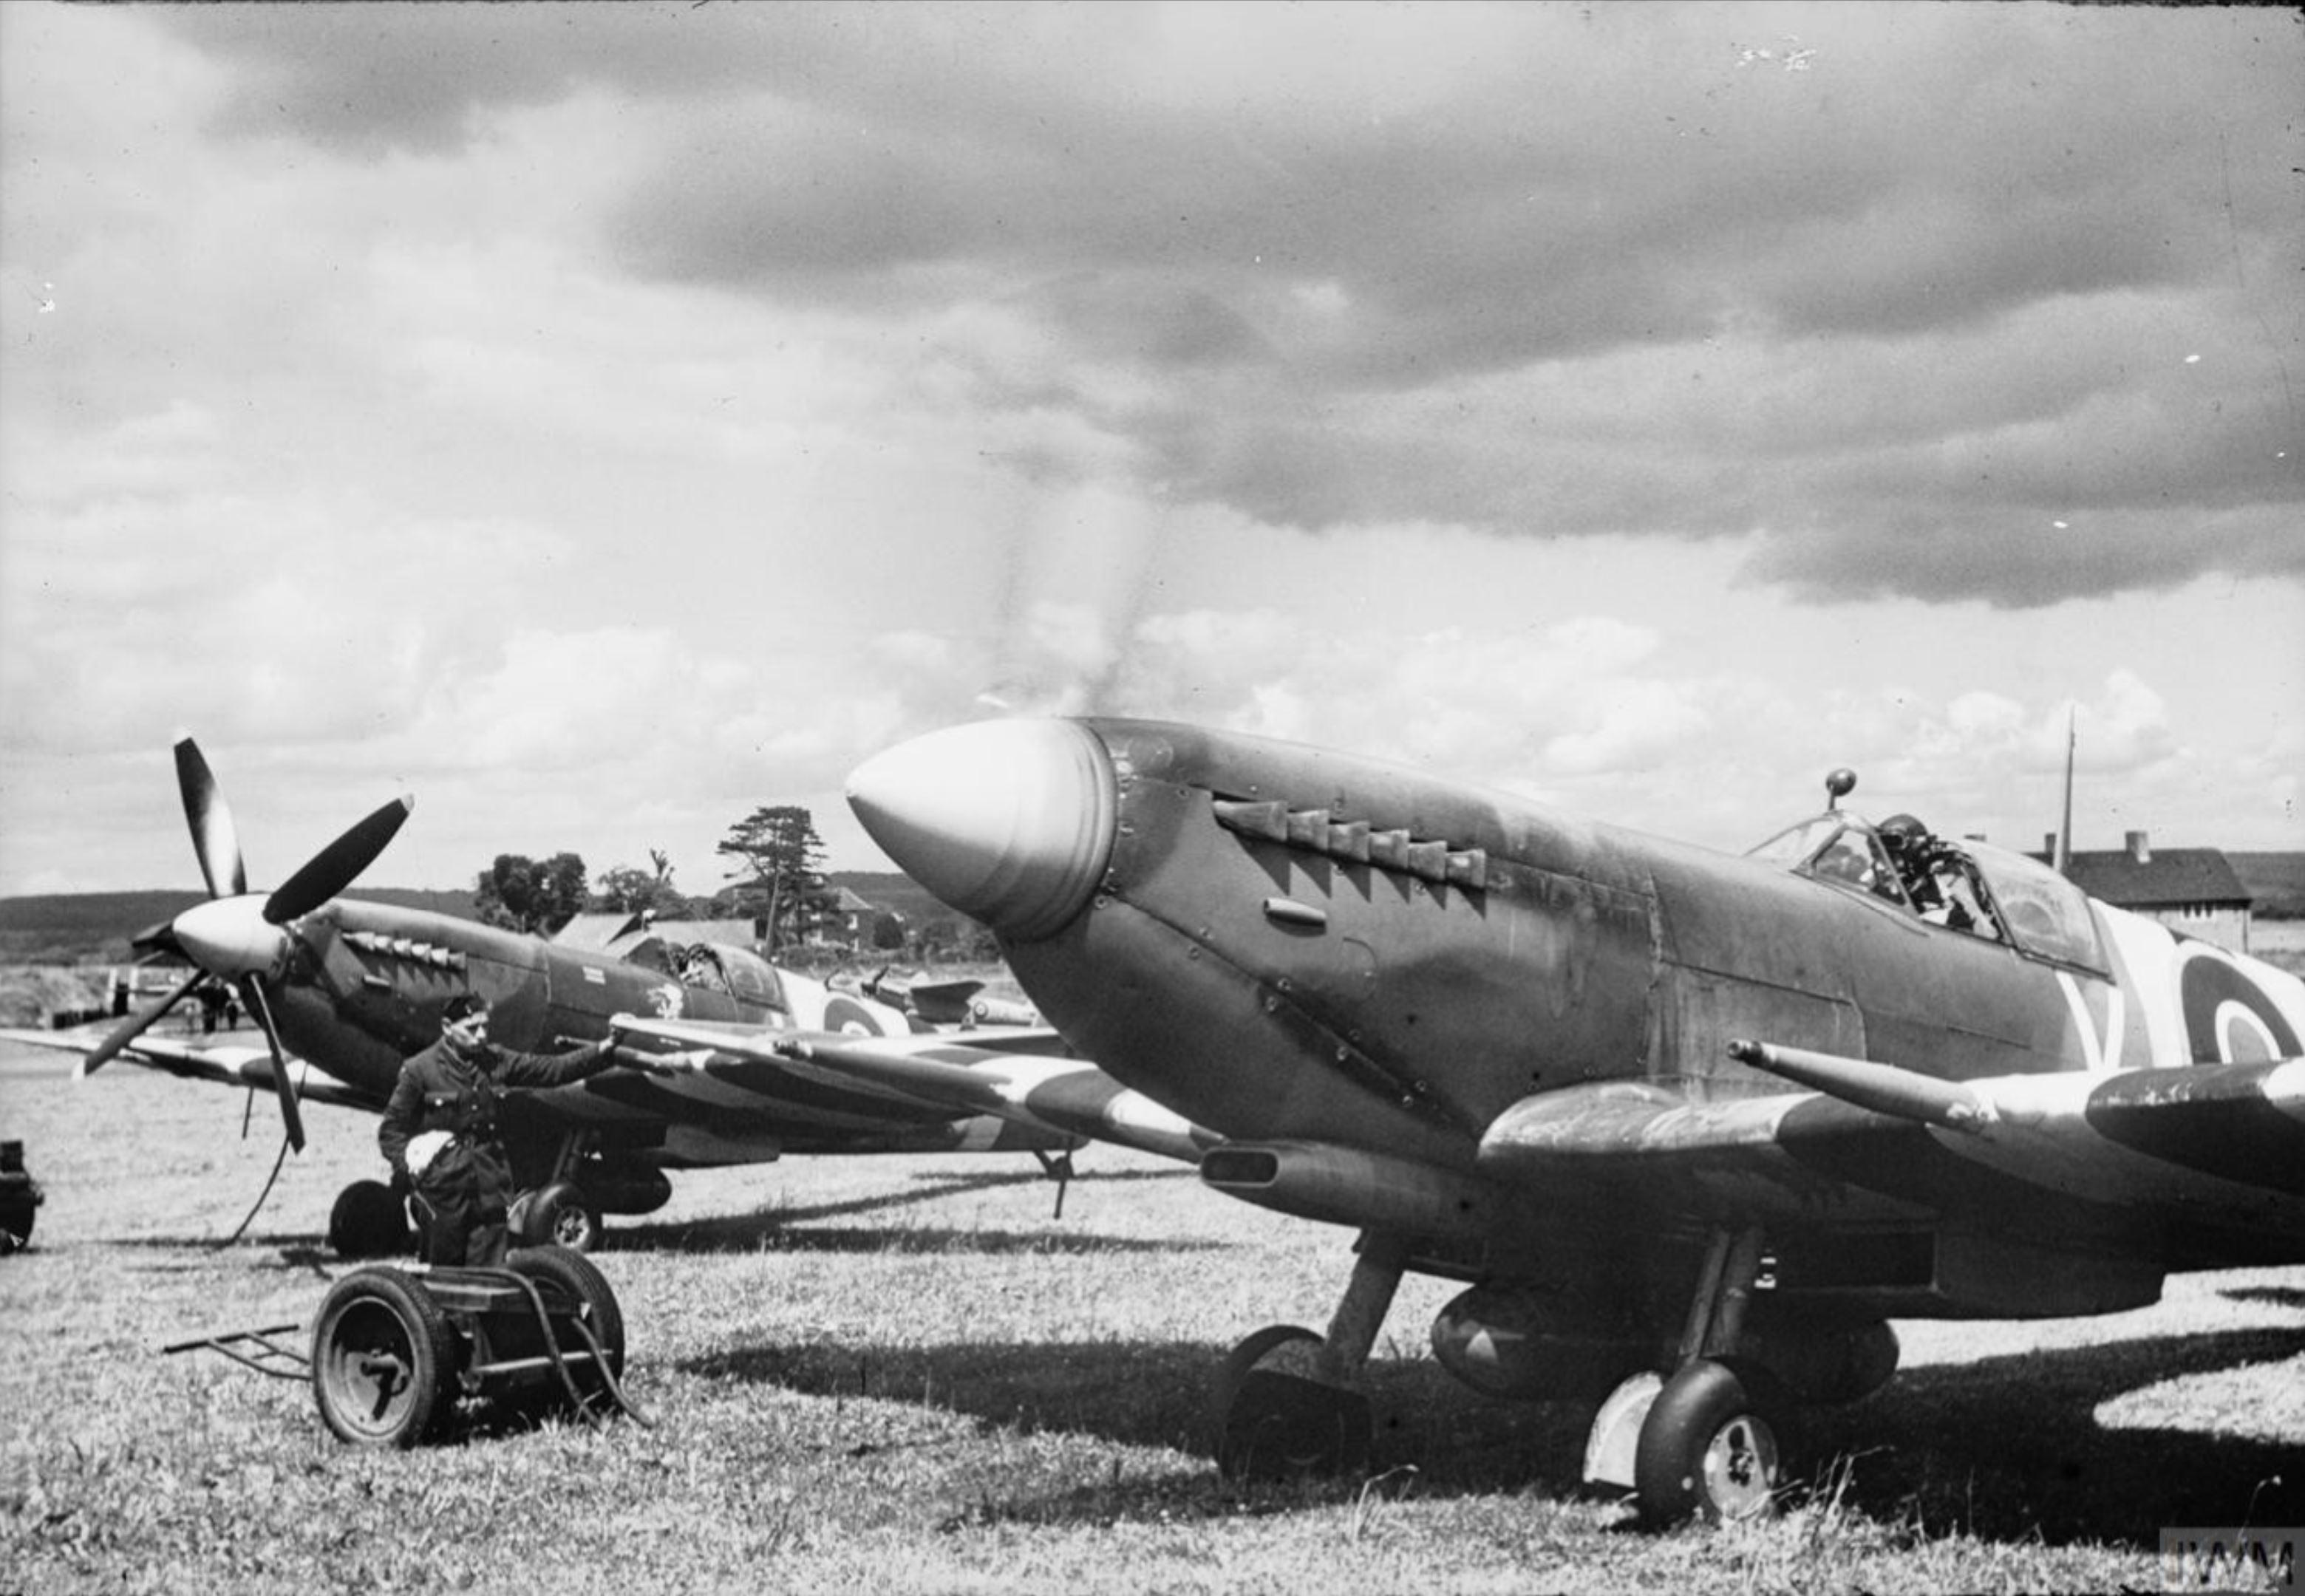 Spitfire MkIX RAAF 453Sqn FUV at Ford Sussex IWM HU92143